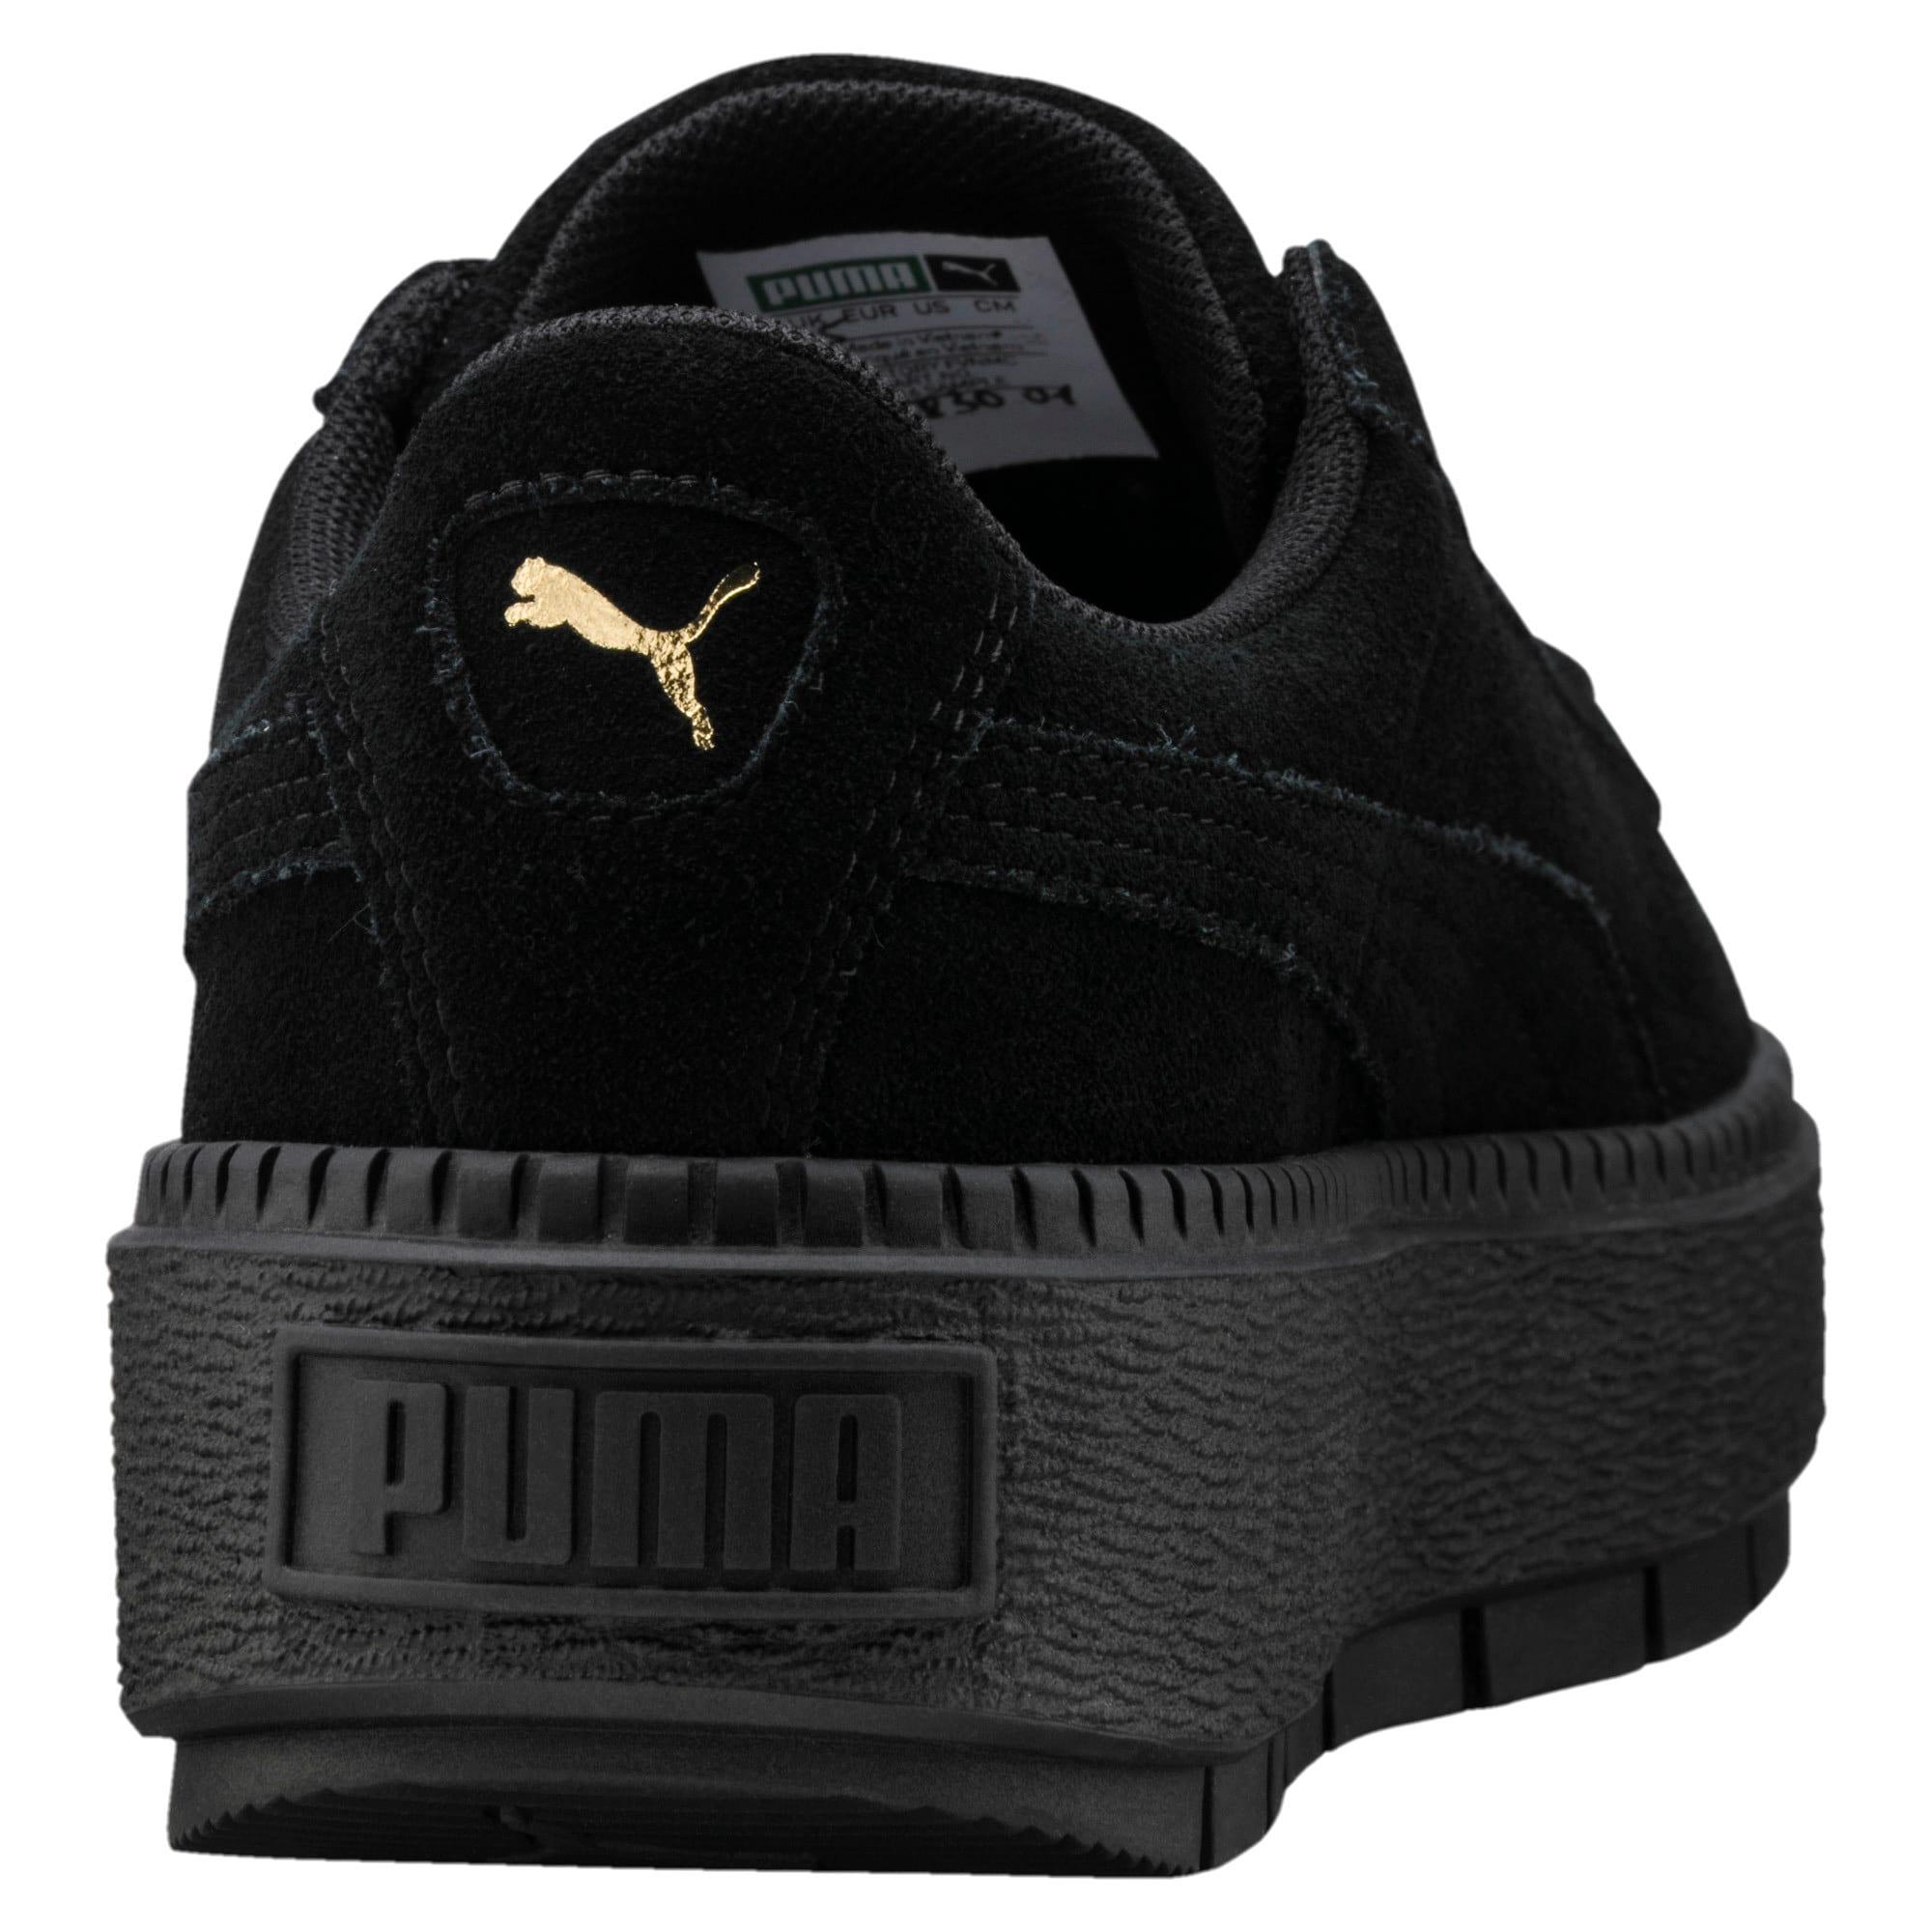 Thumbnail 4 of スウェード プラットフォーム トレース ウィメンズ スニーカー, Puma Black-Puma Black, medium-JPN